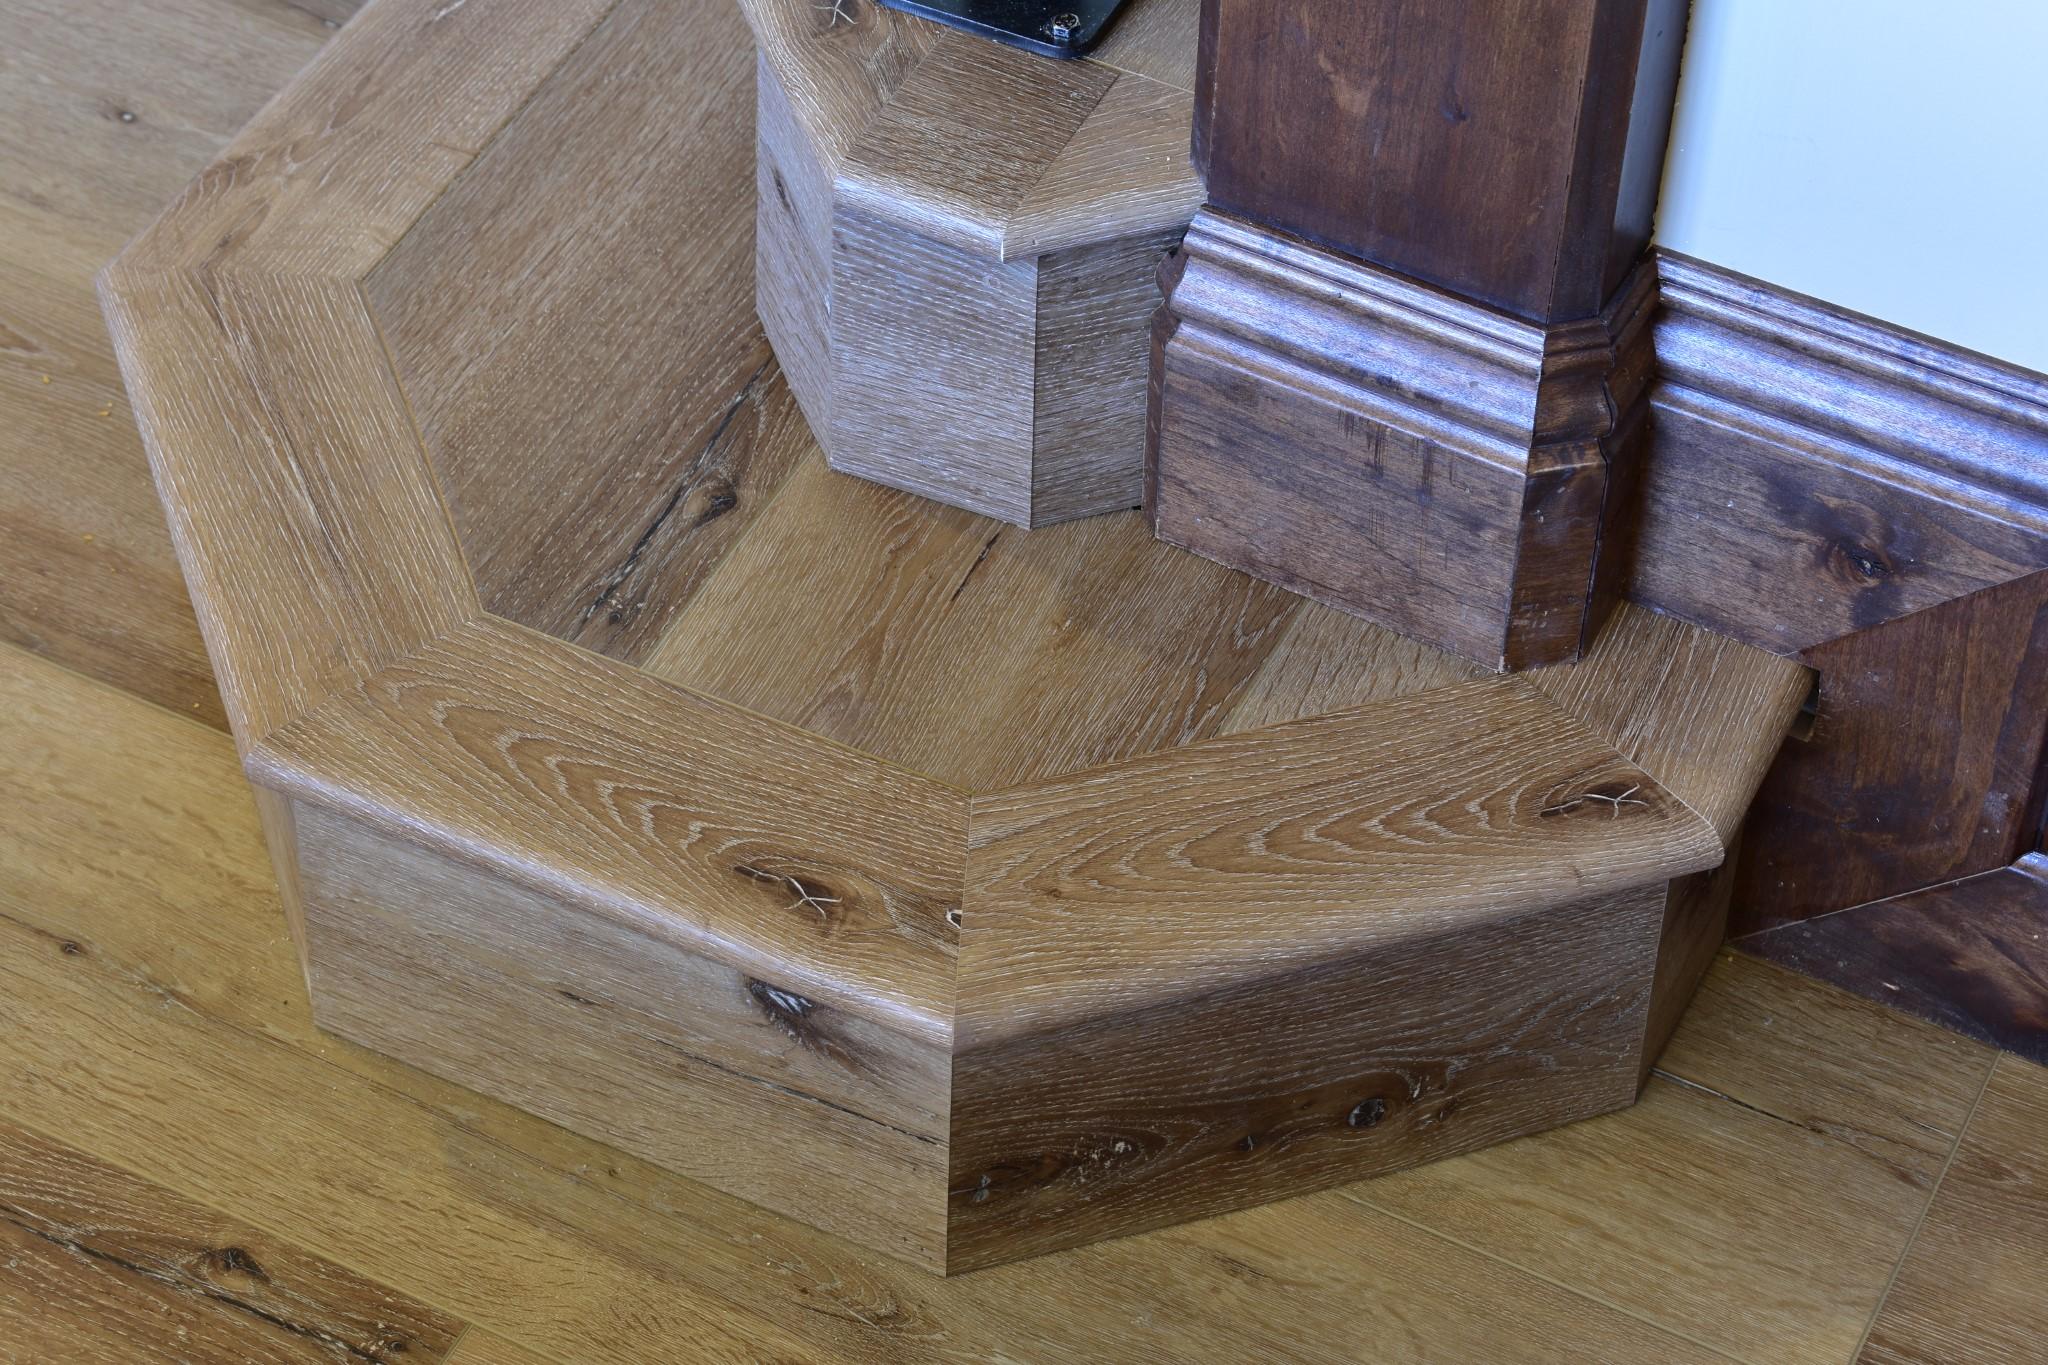 Waterproof Laminate Floors Stairs Corners